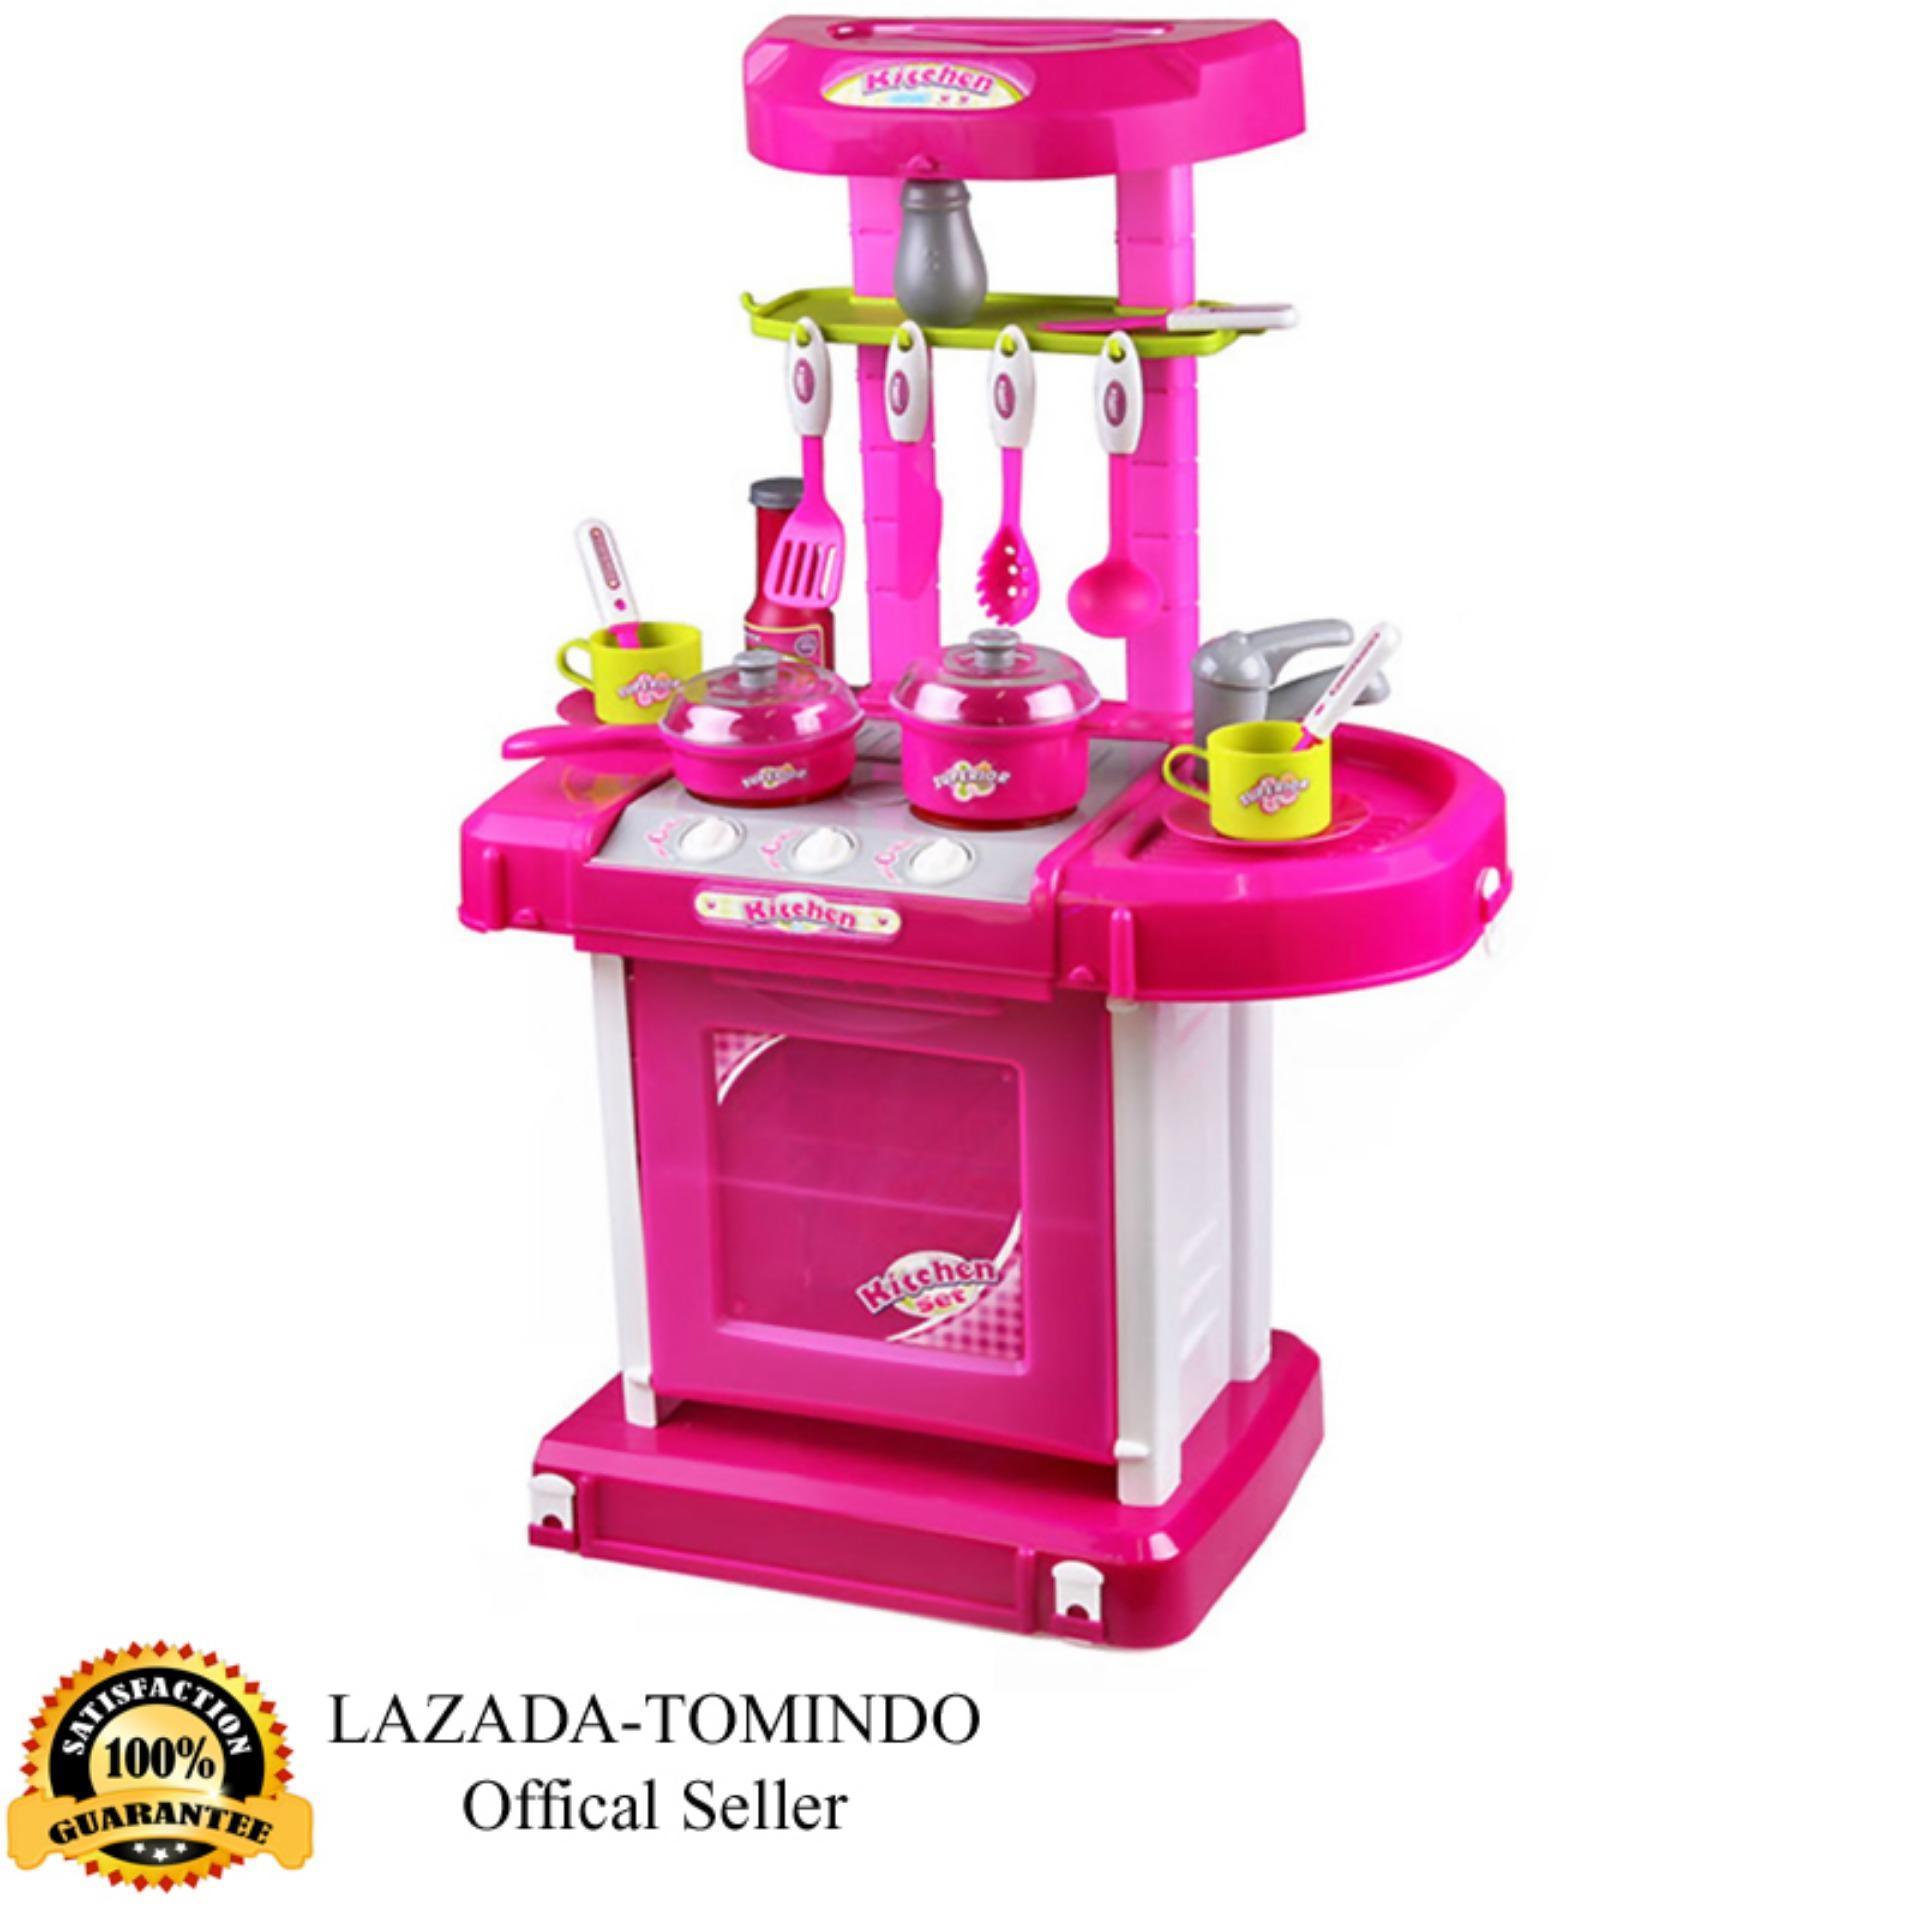 Tomindo Toys Mainan Anak Kitchen Set Luggage Pink / kitchen koper pink / Masak Masakan /